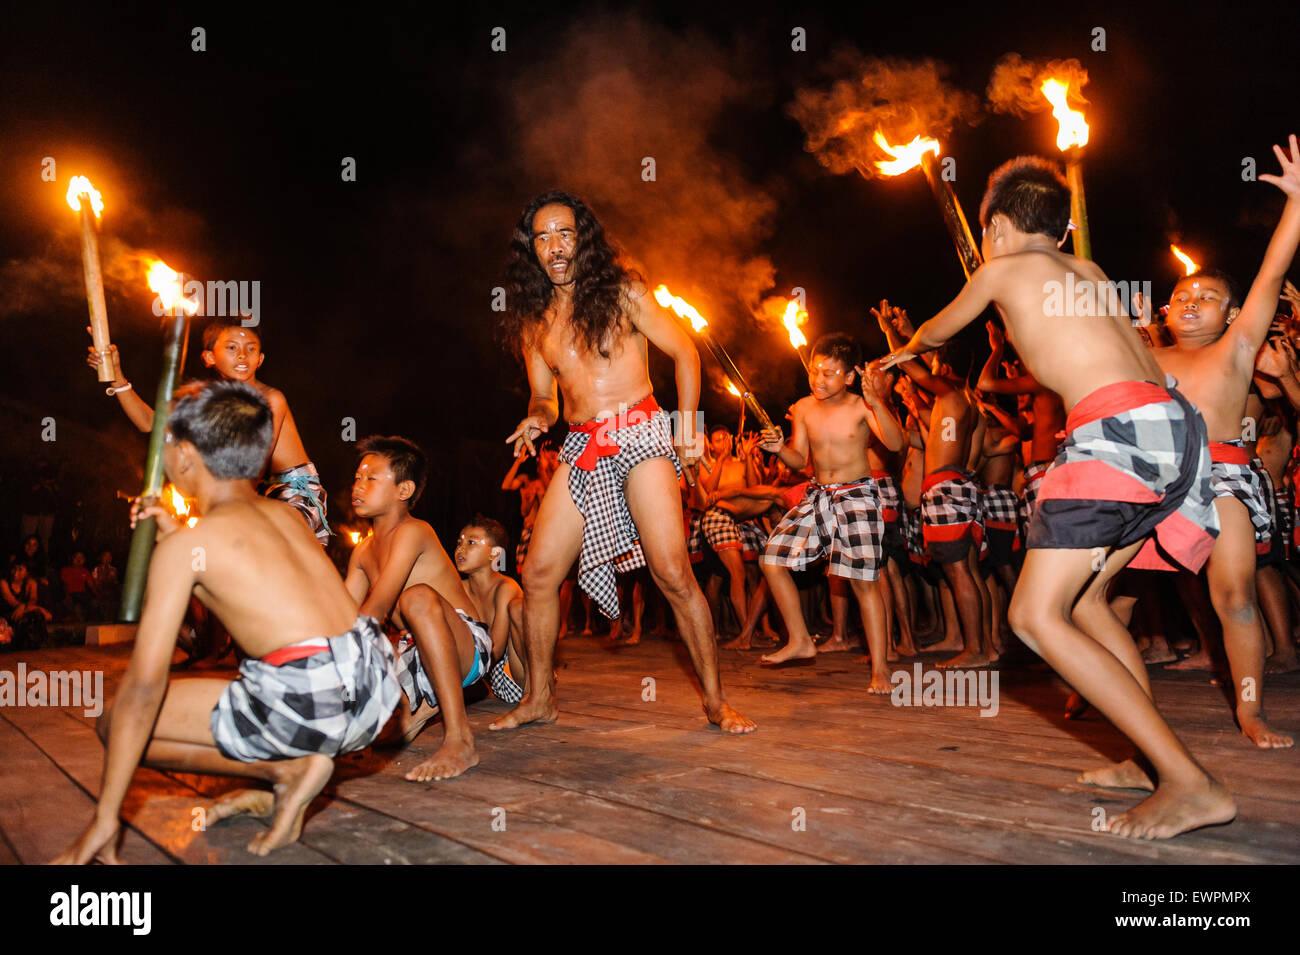 Kecak dance performance, Ubud, Bali, Indonesia. - Stock Image